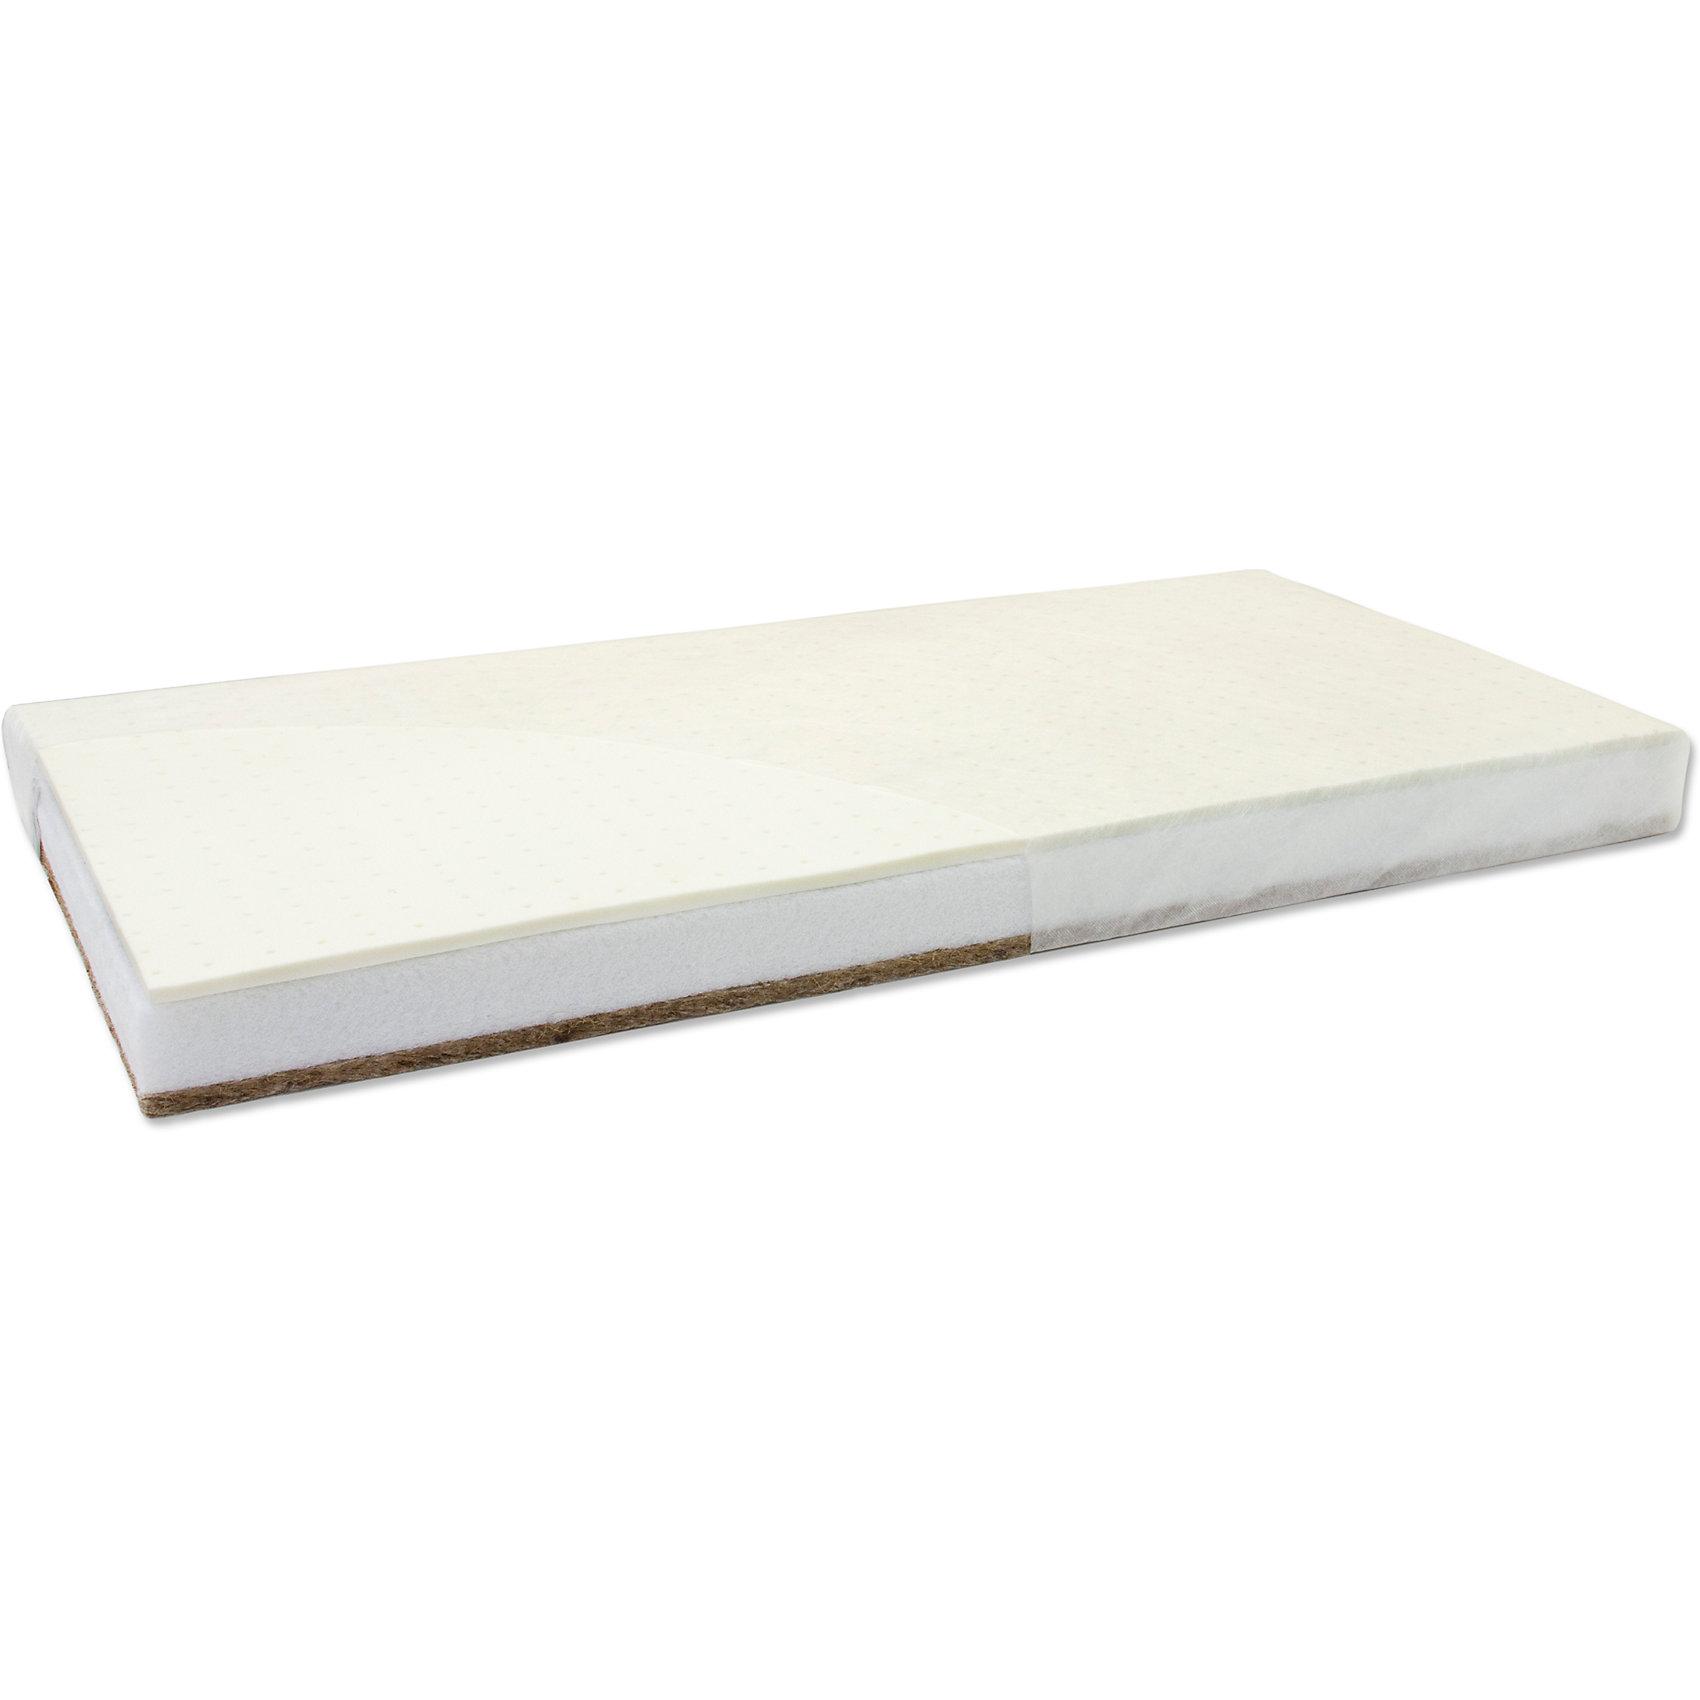 Матрас Барон фаворит 119*60 хол.хард кокос/латекс, чехол жаккард, Седьмое небоХарактеристики:<br><br>• размер матраса: 119х60х8 см;<br>• размер кроватки: 120х60 см;<br>• тип матраса: ортопедический;<br>• материал матраса: двусторонний, кокос и латекс;<br>• наполнитель: холкон;<br>• материал чехла: жаккард;<br>• оберточный материал матраса: спанбондом;<br>• чехол можно снять и постирать при температуре 30 градусов.<br><br>Двусторонний матрас - это вариант 2в1 для детей от рождения до 2-3 лет. Кокос более плотный и предназначен для новорожденных, чтобы малыш лежал на ровной твердой поверхности. Латекс более мягкий, имеет анатомическую форму. Матрас позволяет ребенку расслабиться, снять напряжение мышц. Материал матраса и его наполнитель не накапливают пыль, являются гипоаллергенными. Чехол с матраса можно снять и постирать в стиральной машине. Матрас предназначен для кроваток с размером спального места: 120х60 см.<br><br>Матрас Барон фаворит 119*60 хол.хард кокос/латекс, чехол жаккард, Седьмое небо можно купить в нашем интернет-магазине.<br><br>Ширина мм: 85<br>Глубина мм: 120<br>Высота мм: 1190<br>Вес г: 4000<br>Возраст от месяцев: 0<br>Возраст до месяцев: 36<br>Пол: Унисекс<br>Возраст: Детский<br>SKU: 5472585